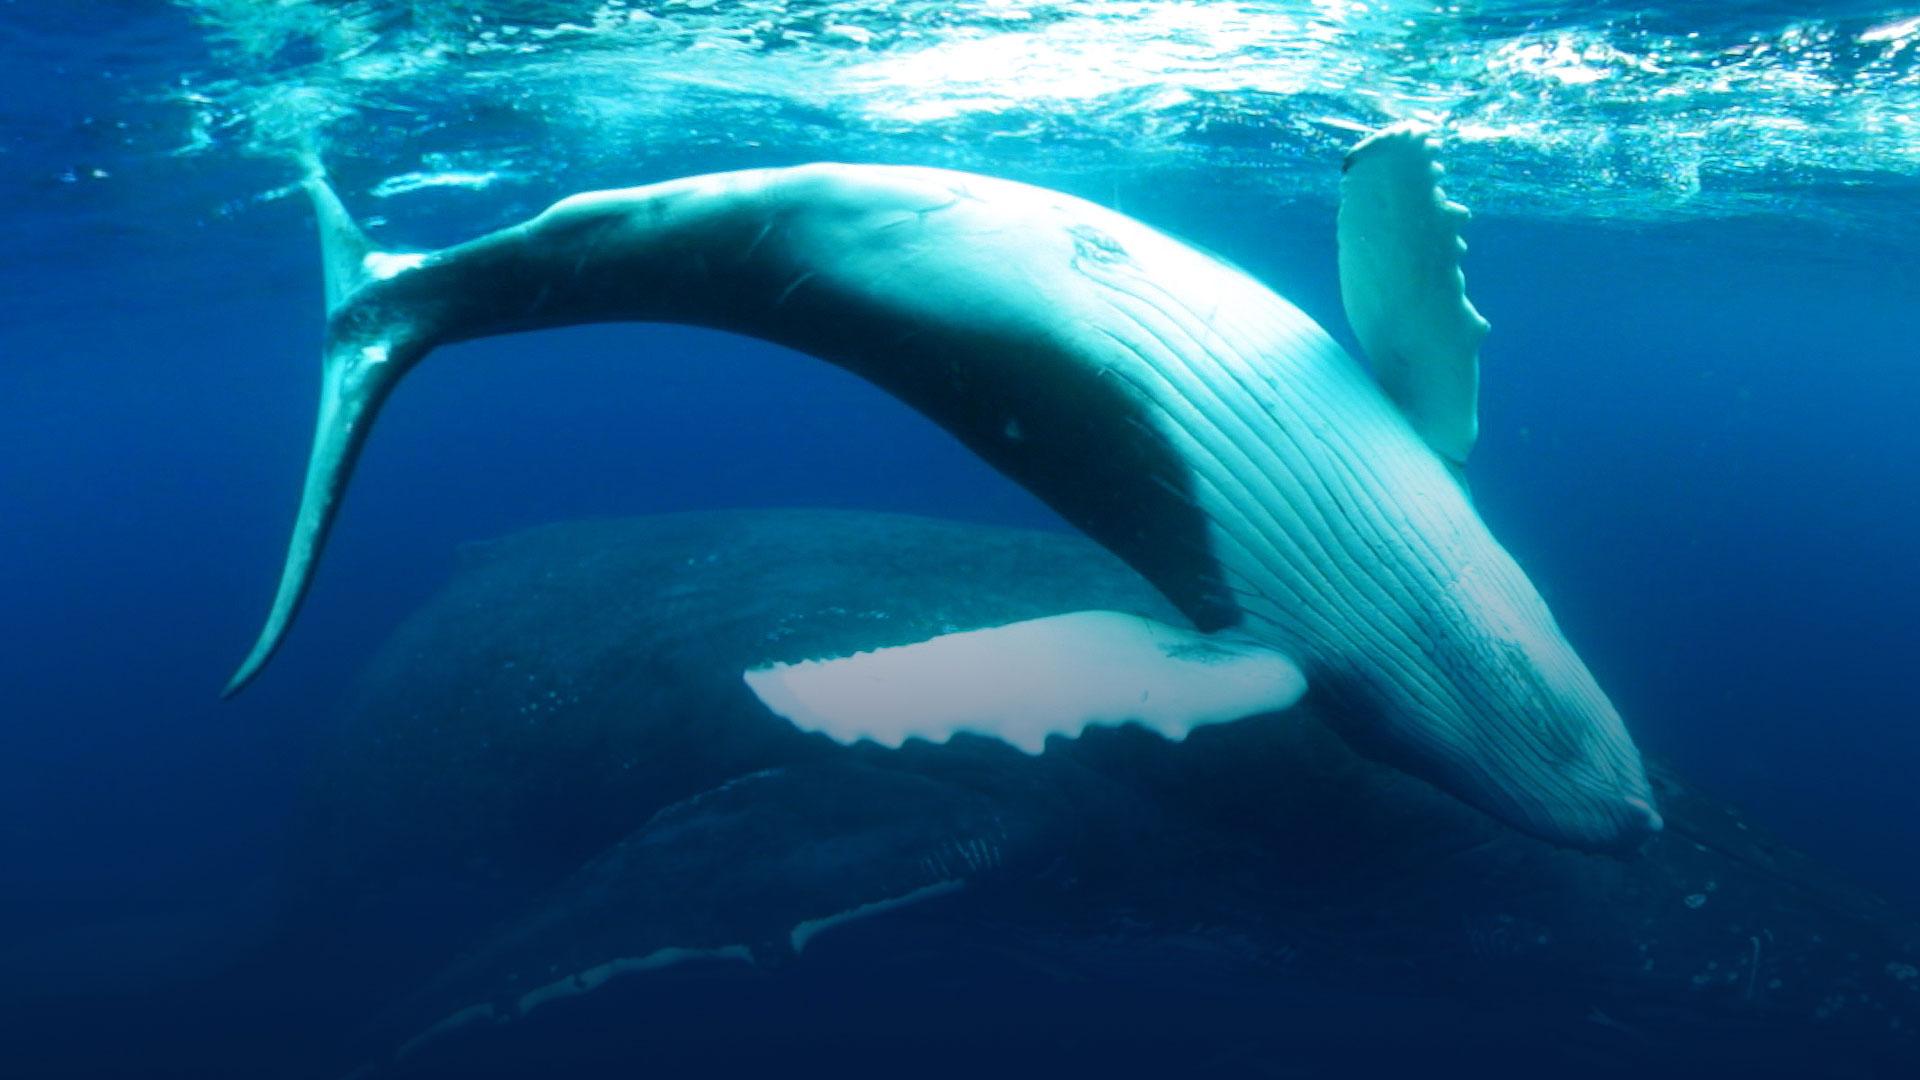 Undersea Explorer de Immotion nos permite nadar con tiburones reales en formato VR si viajamos a Las Vegas